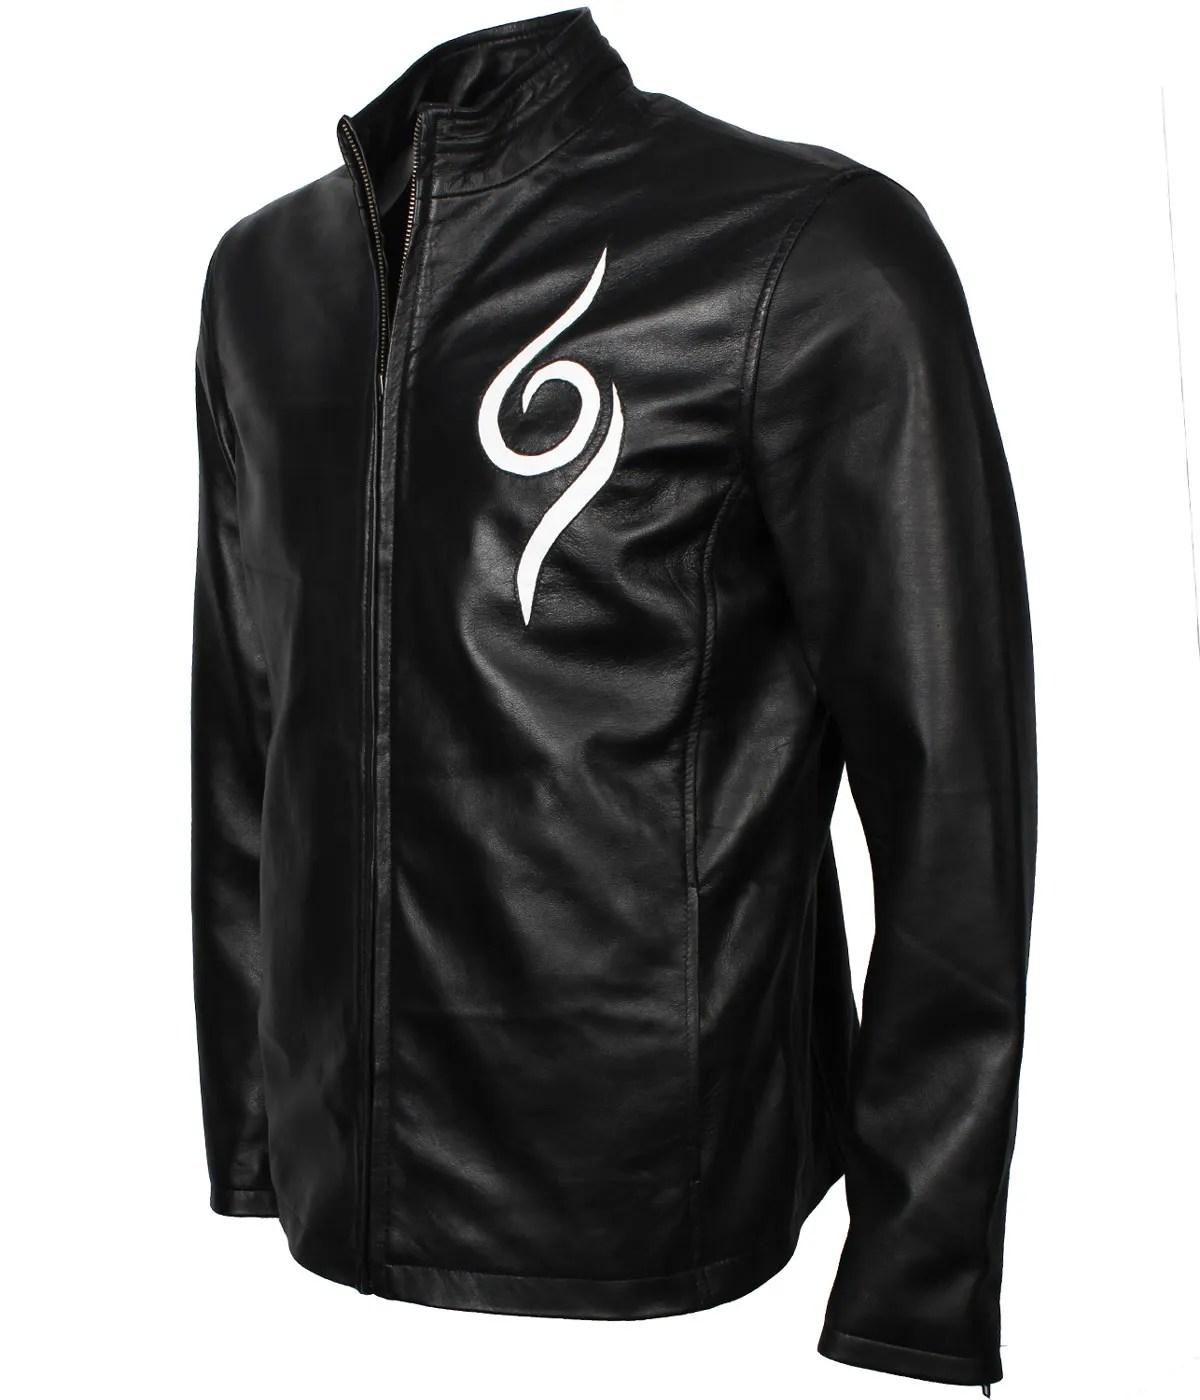 naruto-kakashi-hatake-anbu-leather-jacket